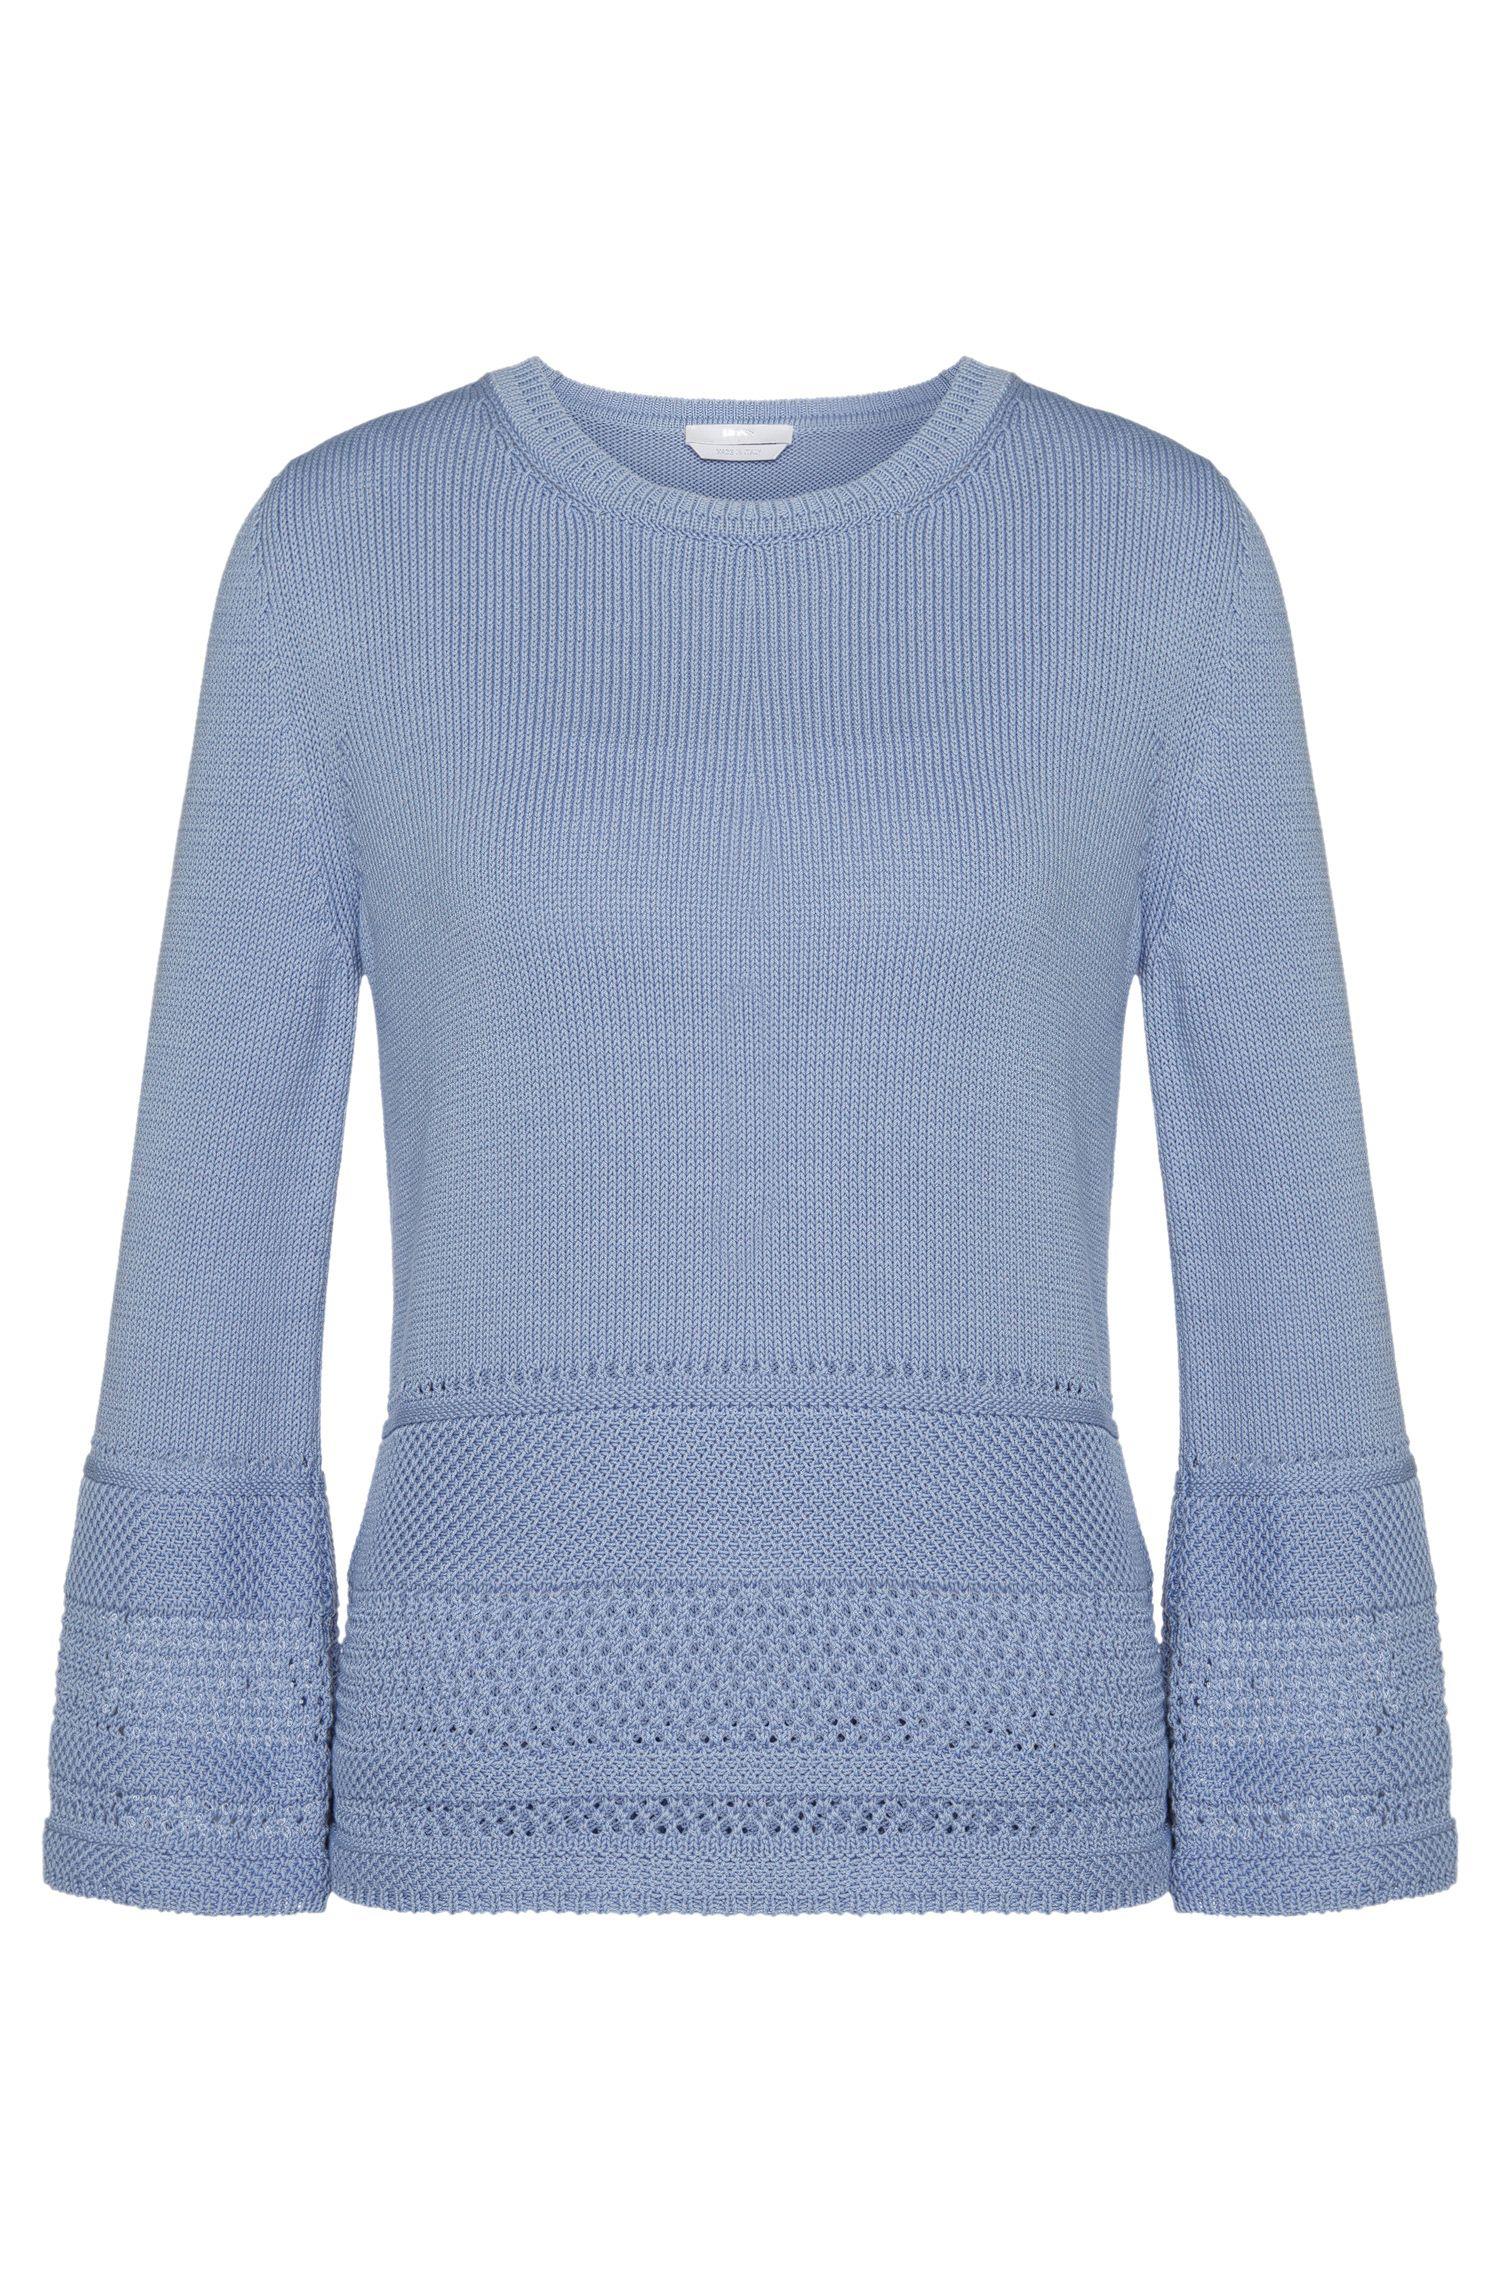 Jersey de algodón con estampado perforado: 'Fanchoni'